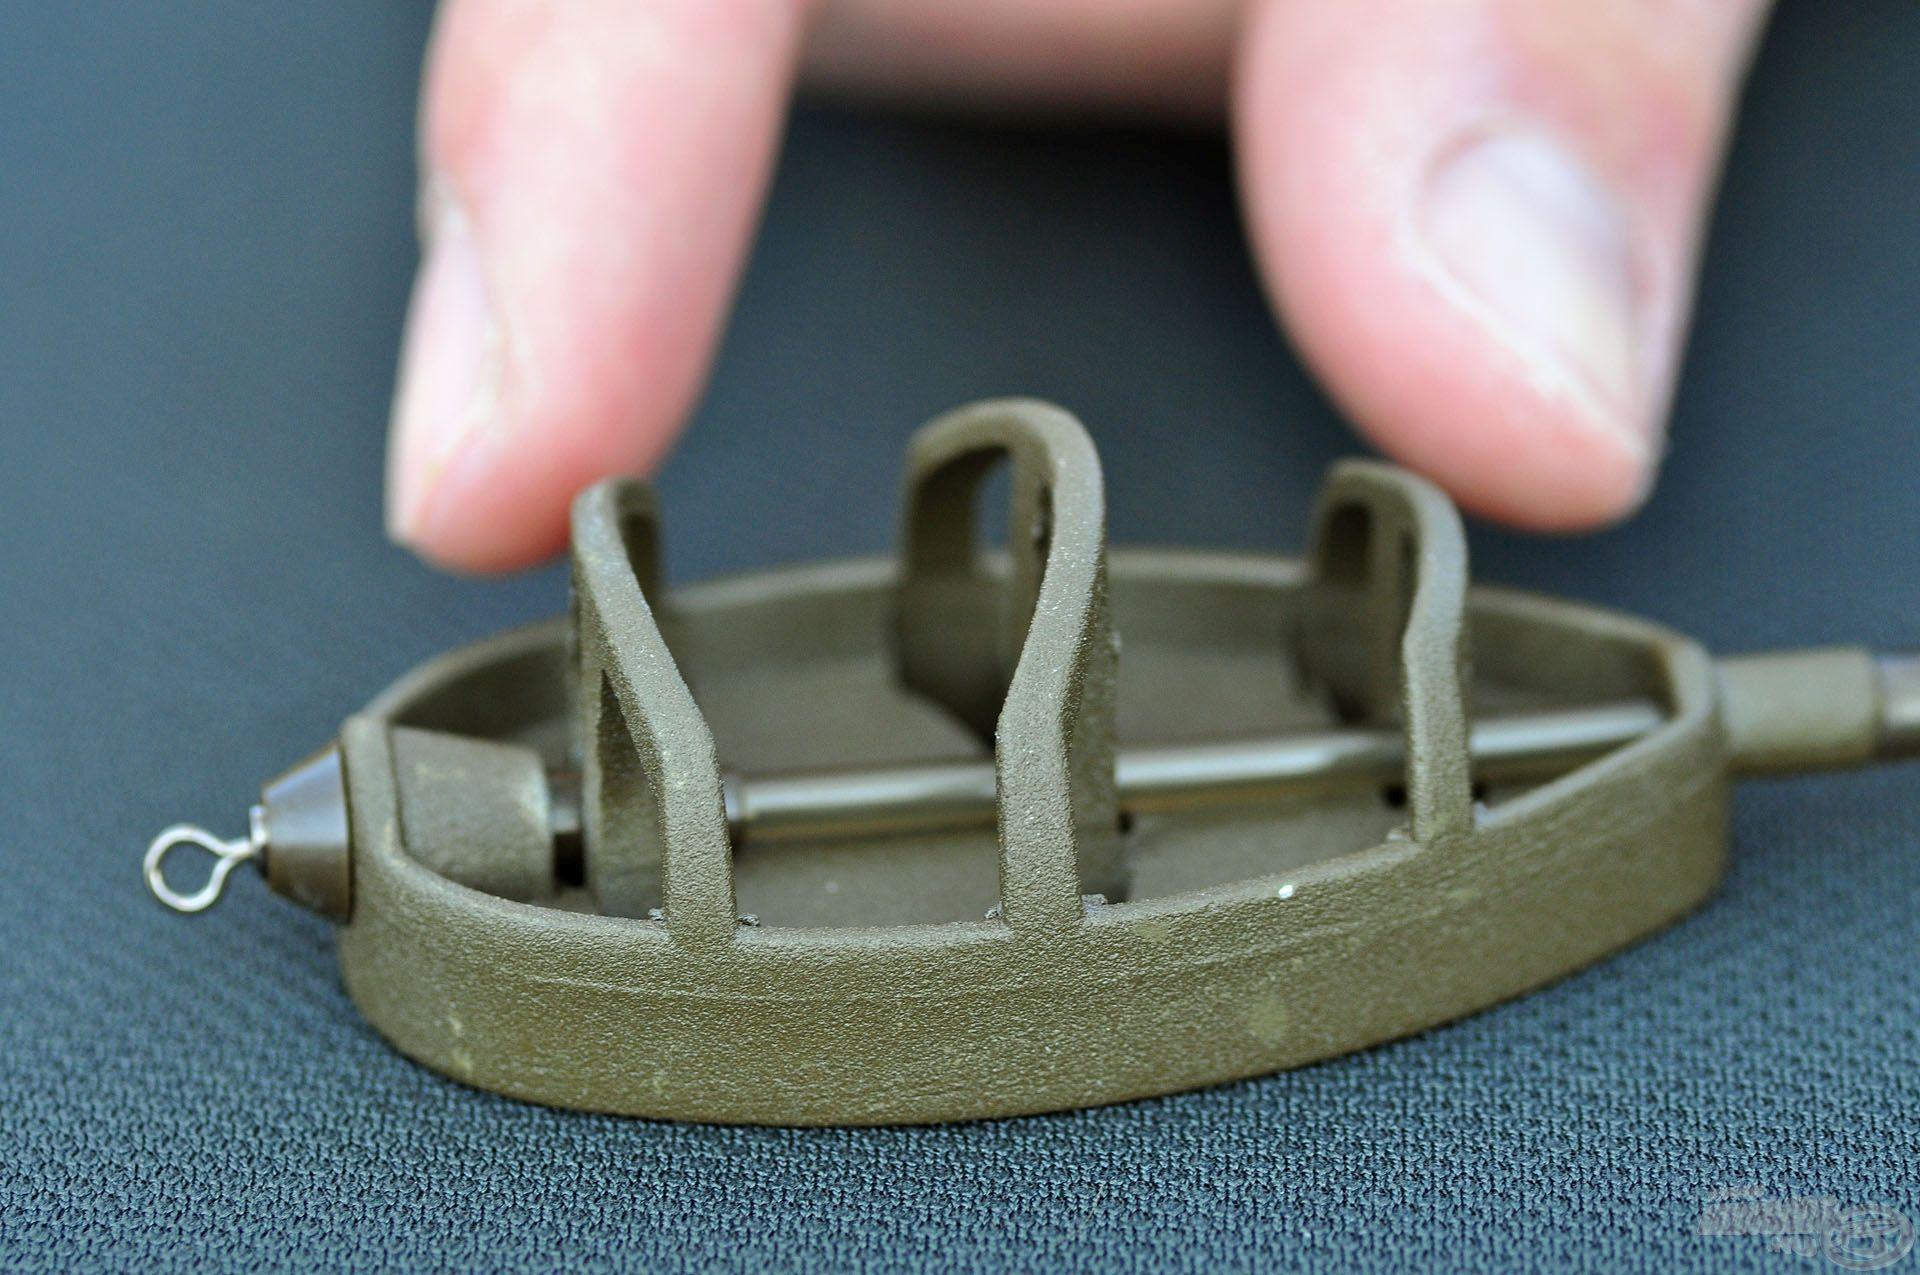 Mindegyik kosár hárombordás kialakítású, ezáltal a lazább szerkezetű etetőanyagot is képesek stabilan megtartani